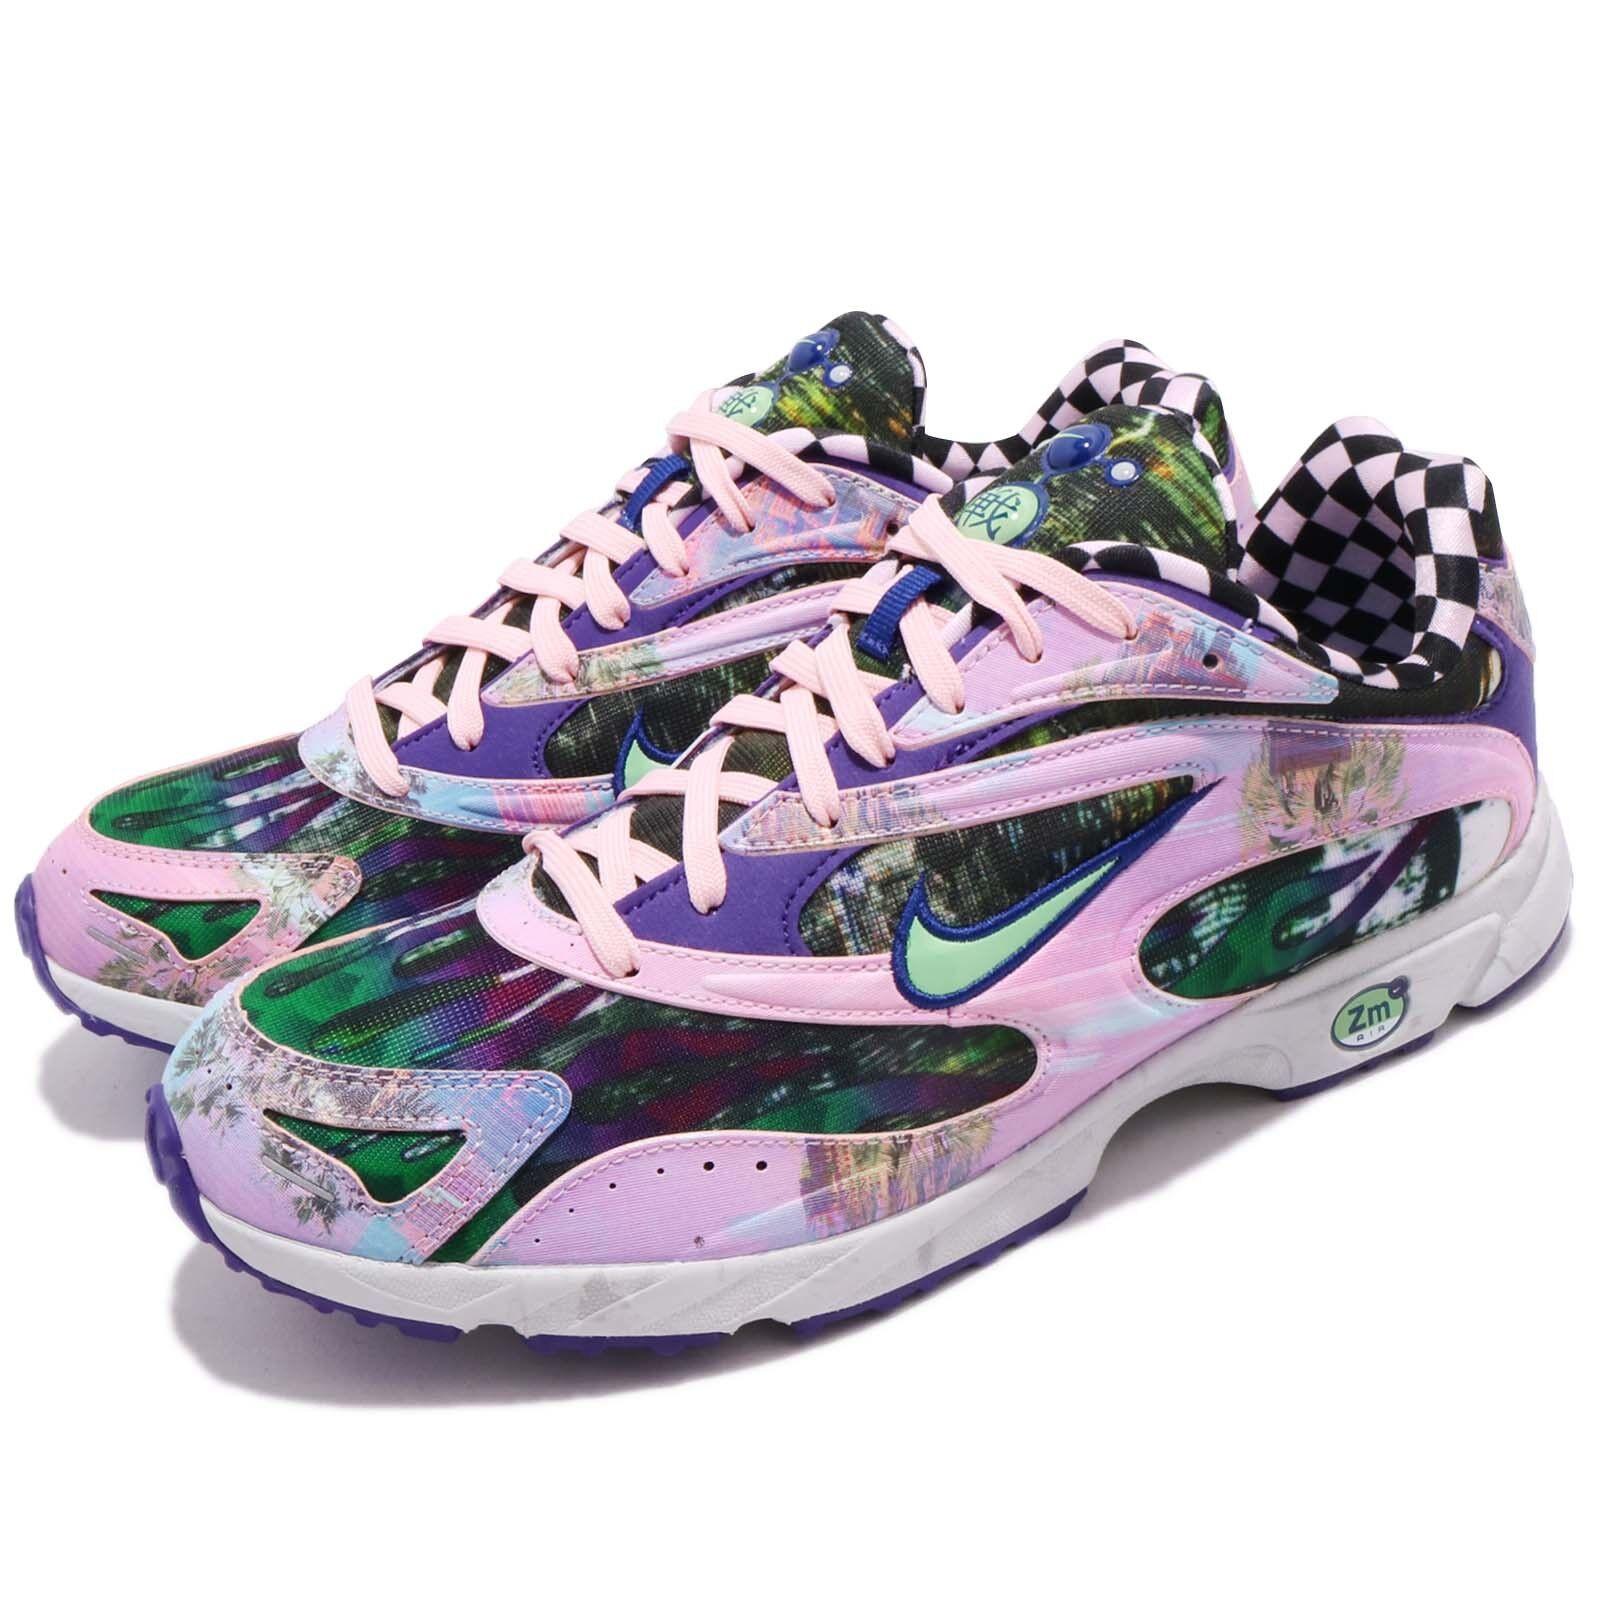 Nike Zoom Streak Spectrum Plus Premium Court Purple Men Running Shoes AR1533-500